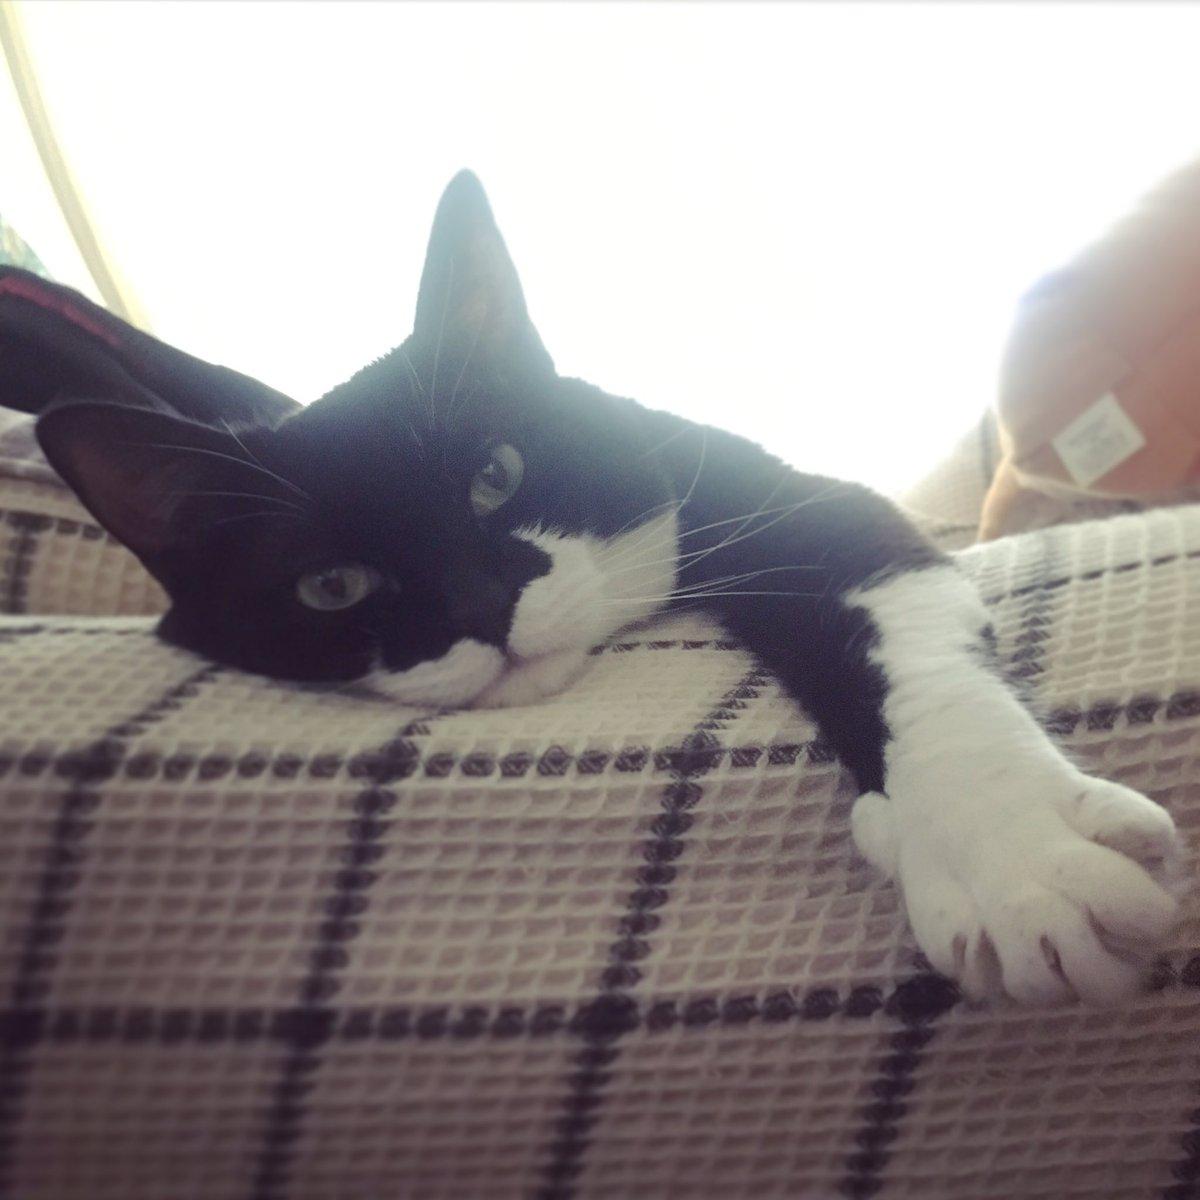 週末留守番させられてふてくされた猫がこちらになります pic.twitter.com/ydul1UuDwU